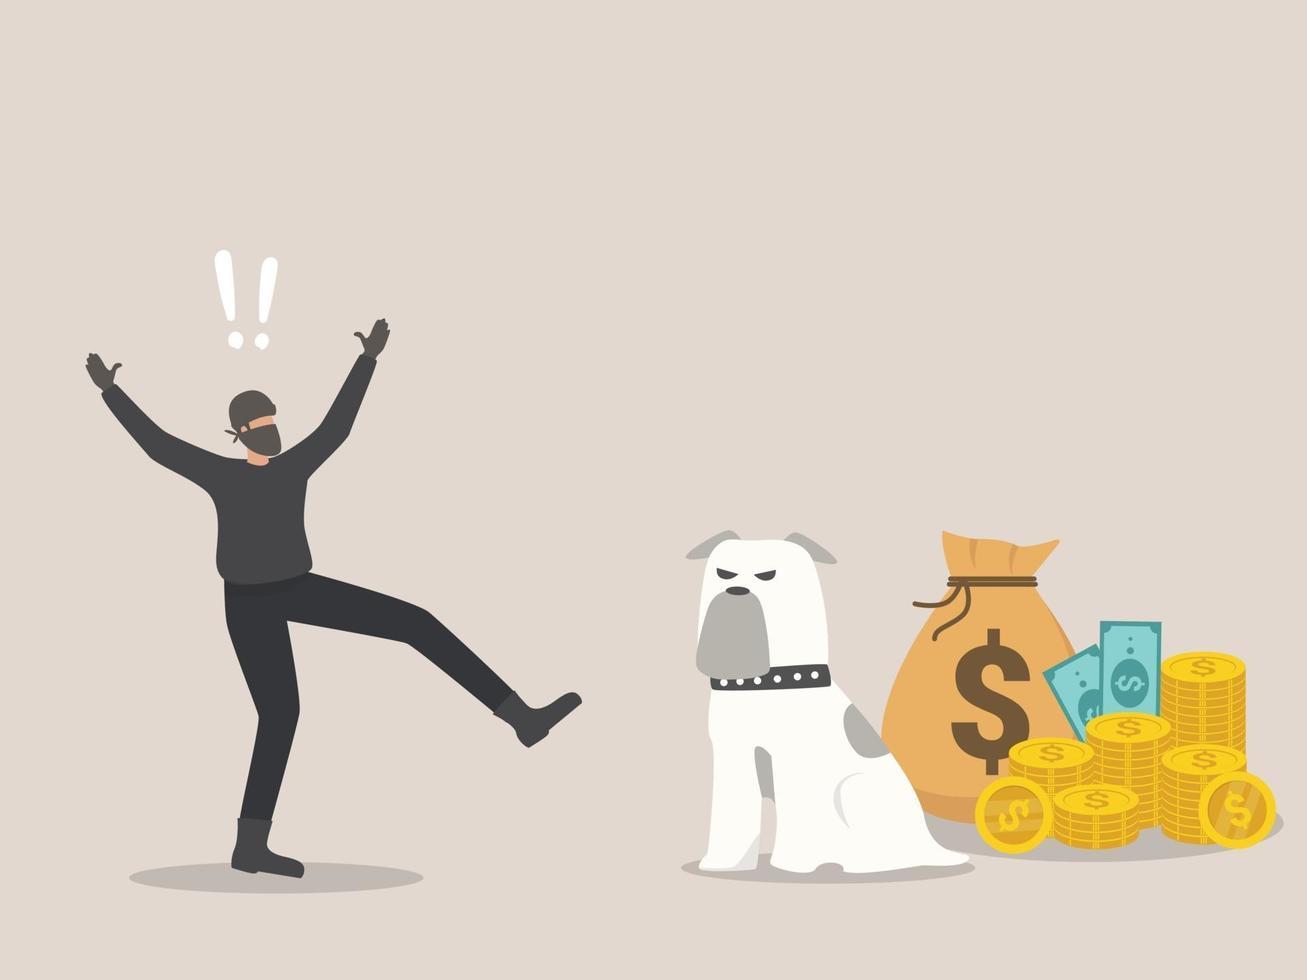 concept de sécurité économique, les voleurs ont peur des chiens de garde. vecteur